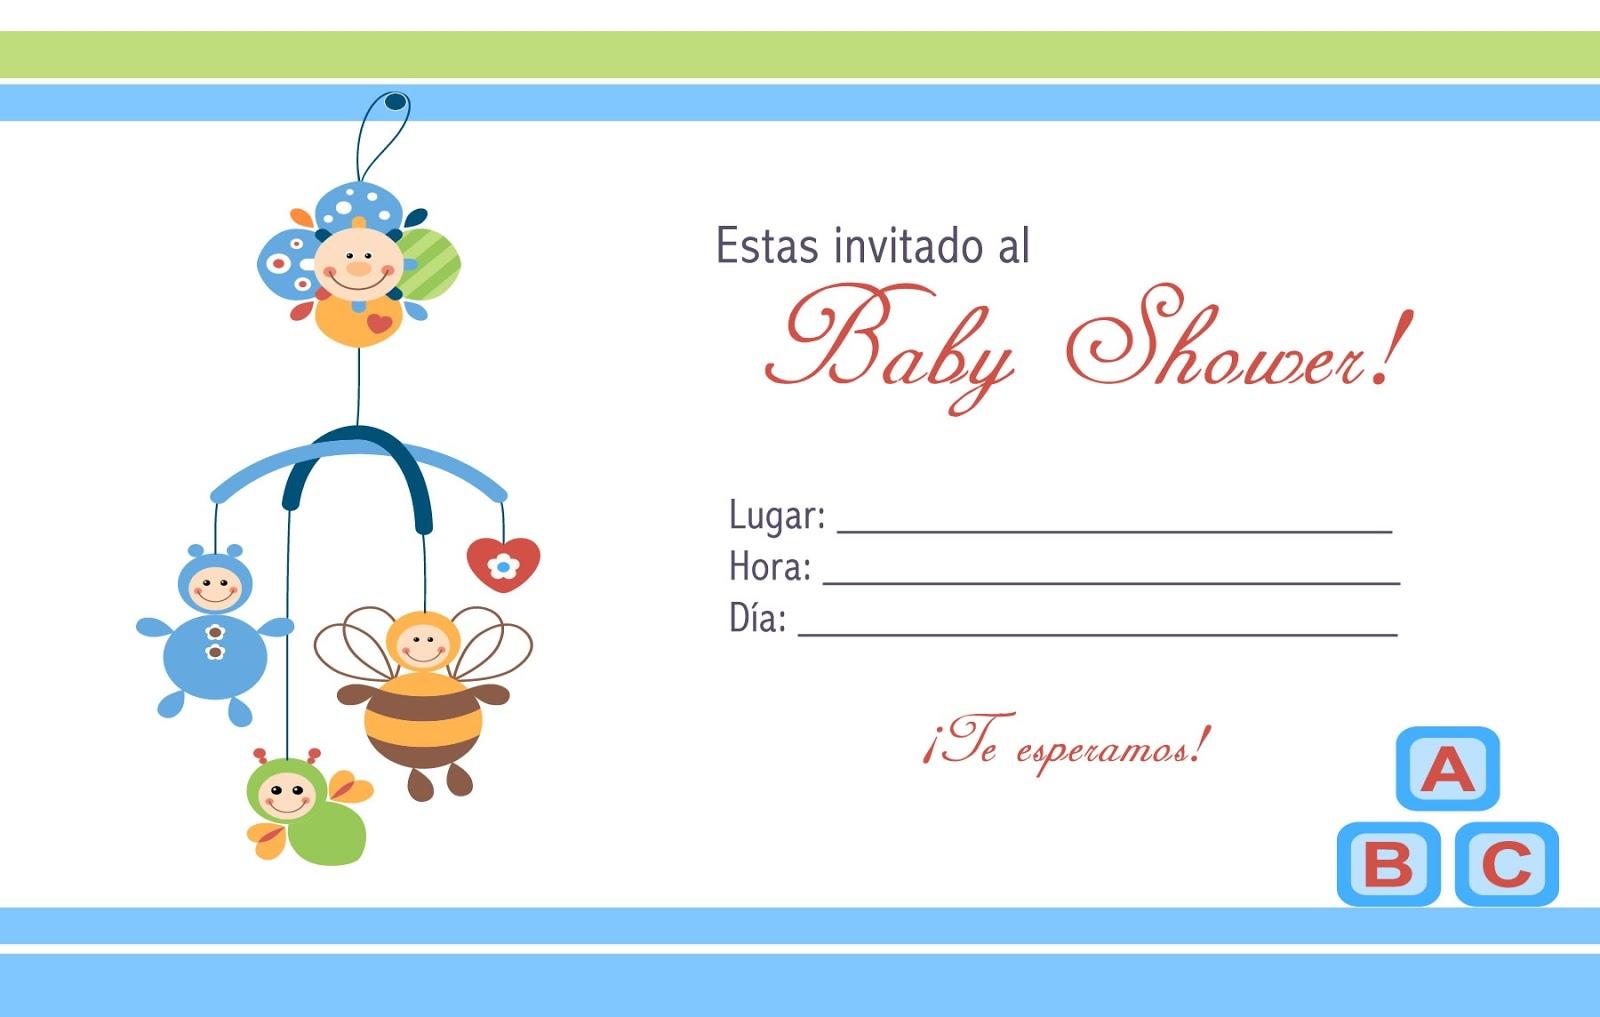 Invitación A Baby Shower   Diseña Tu Propia Tarjeta